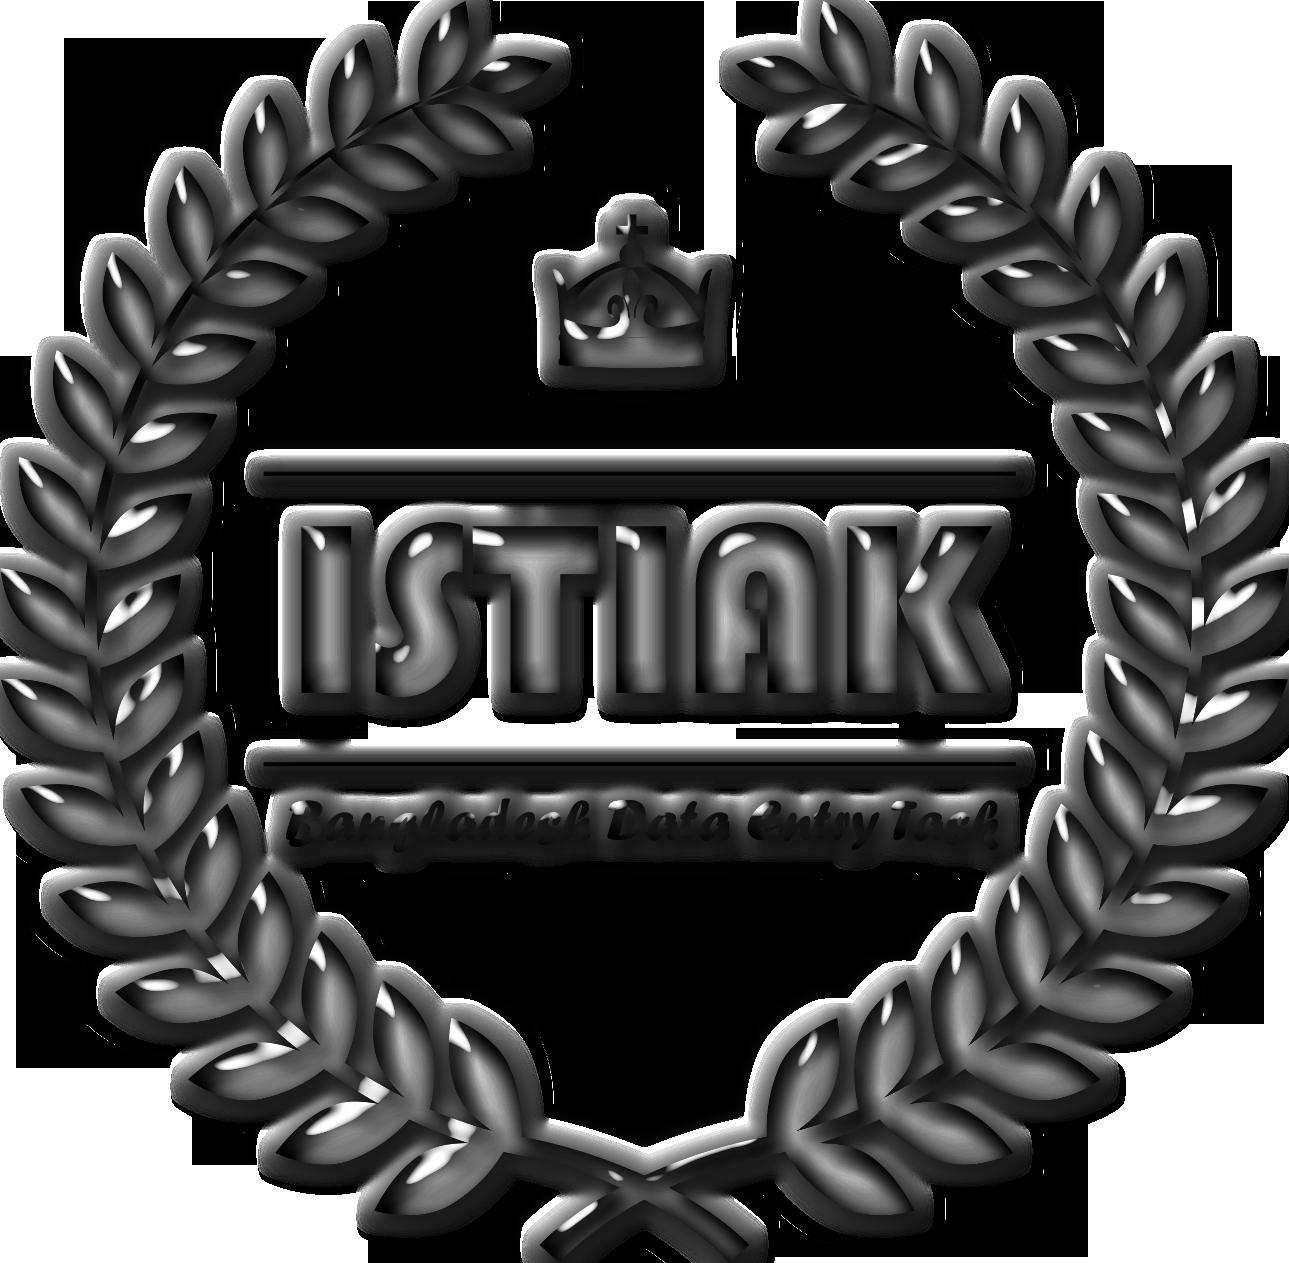 Istiak Ahmad